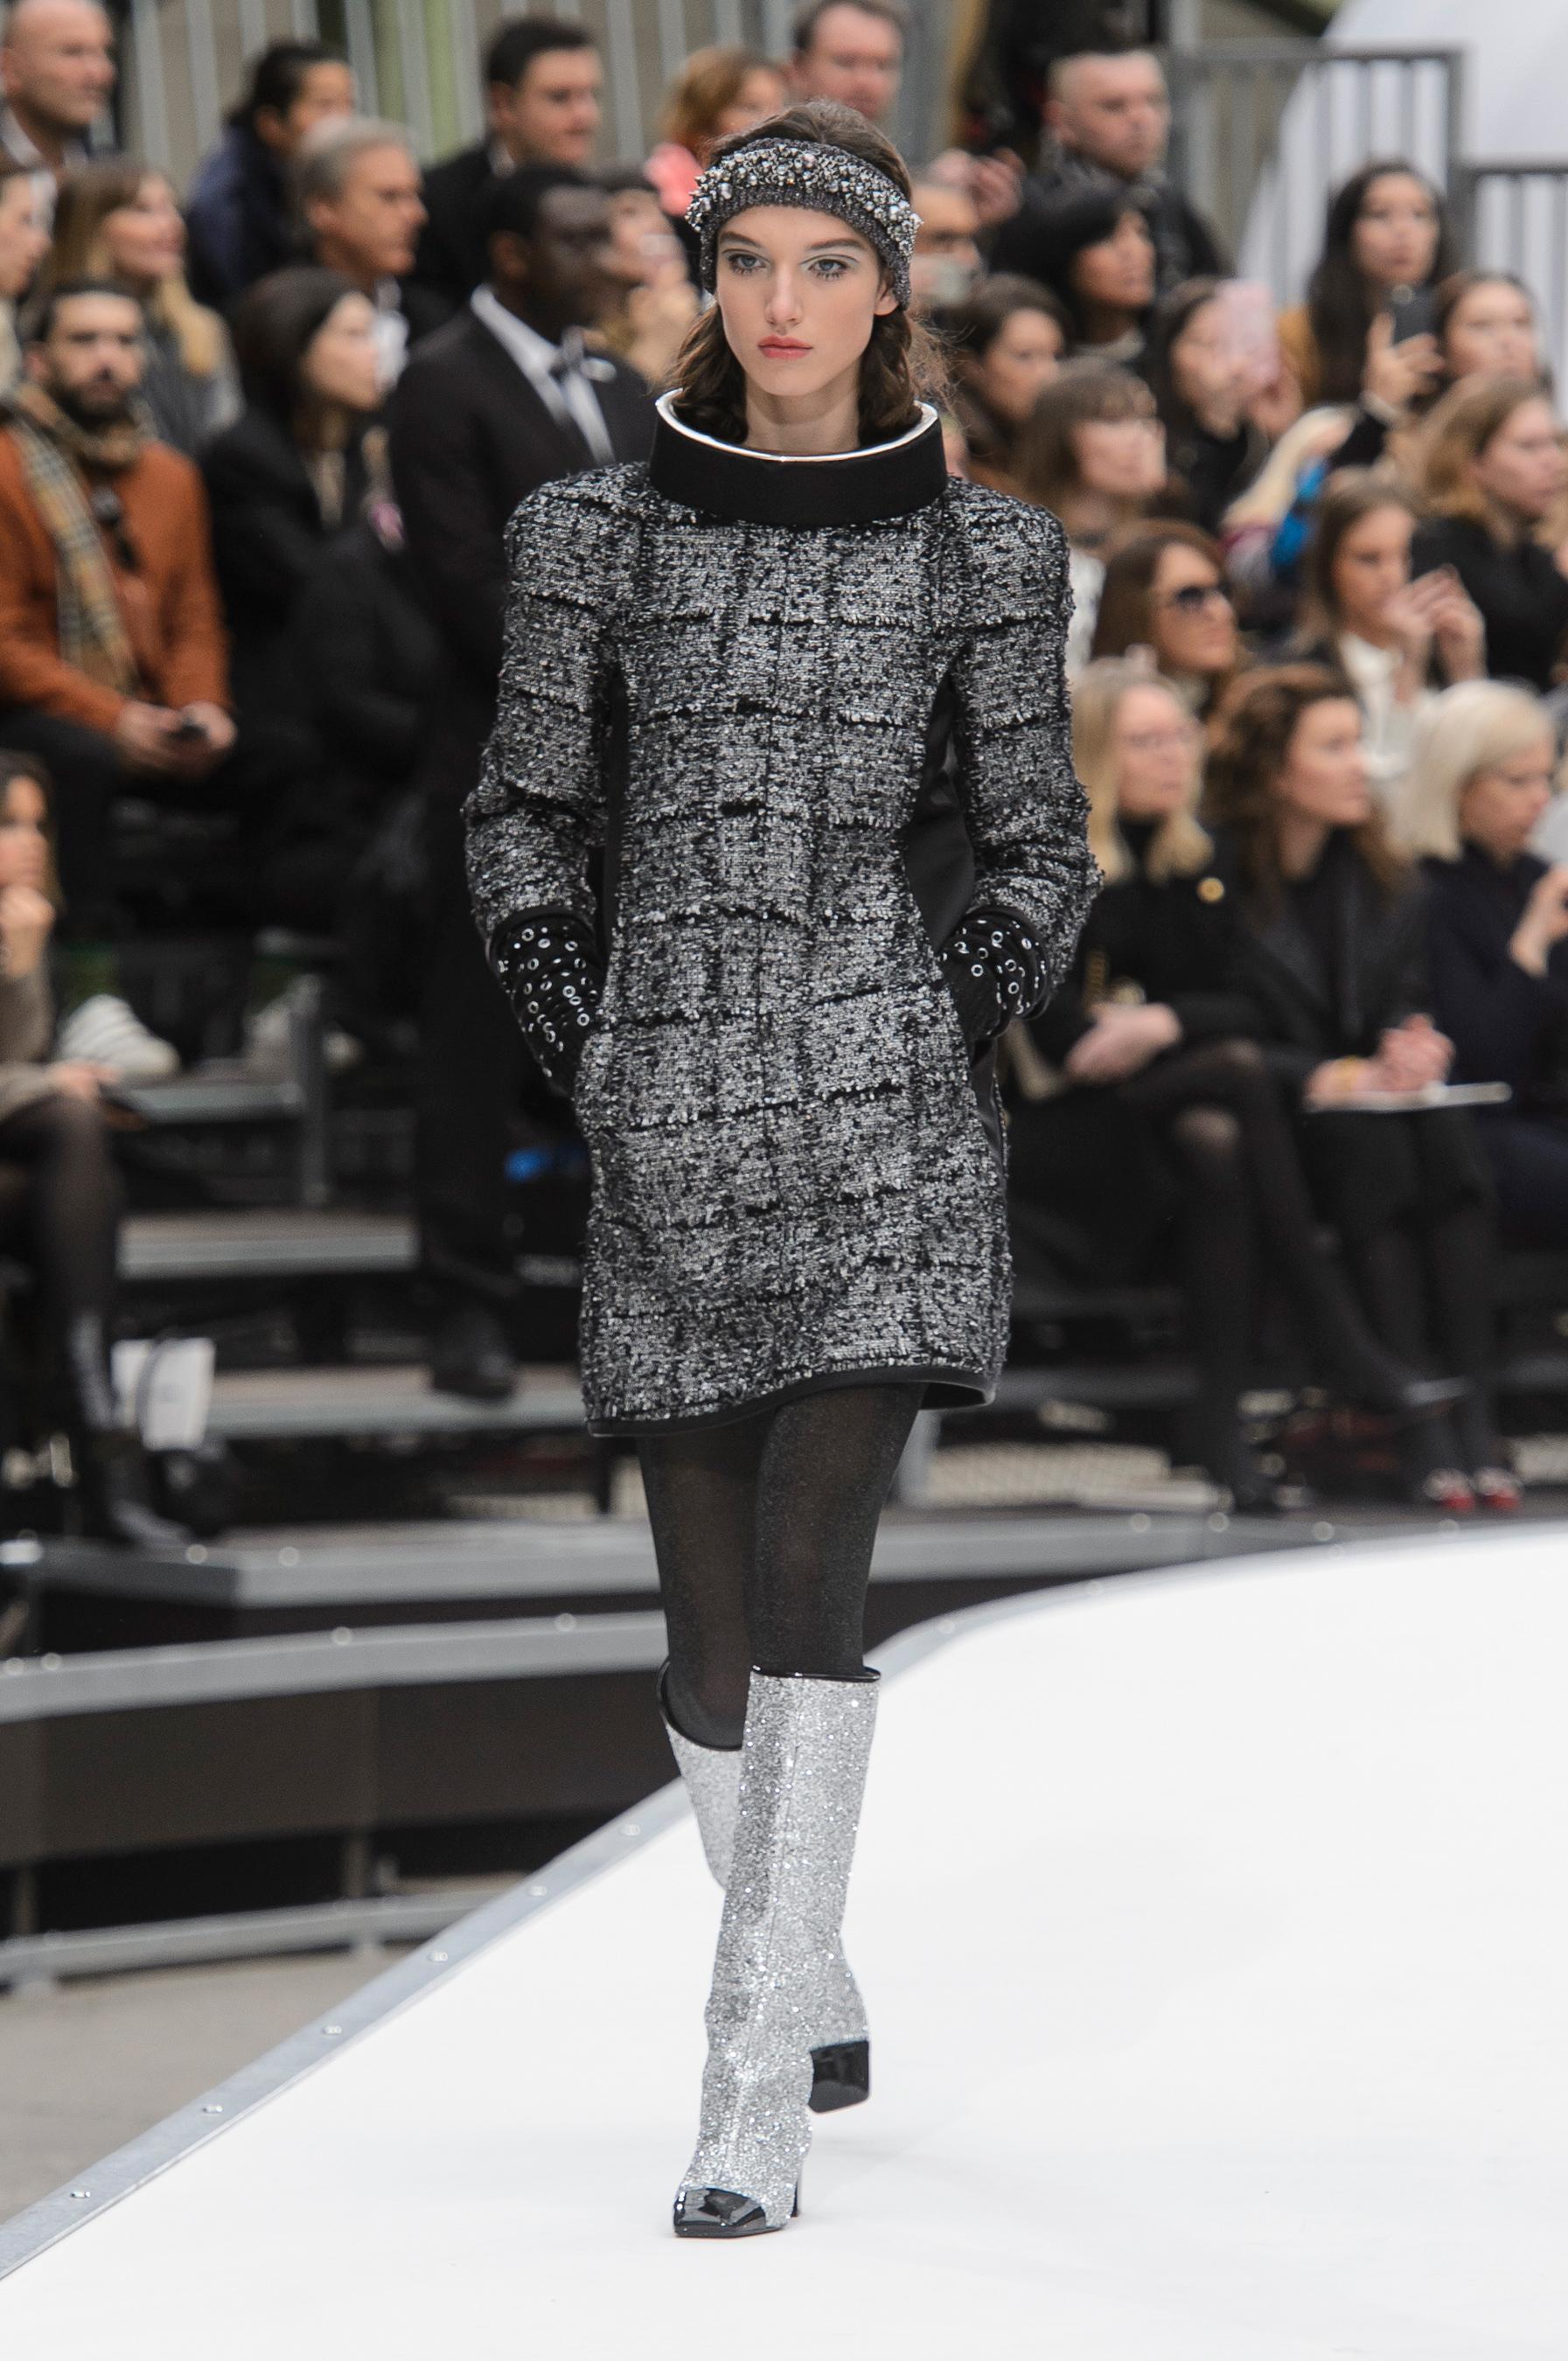 ecb1f546a7a0 Défilé Chanel Automne-hiver 2017-2018 Prêt-à-porter - Madame Figaro